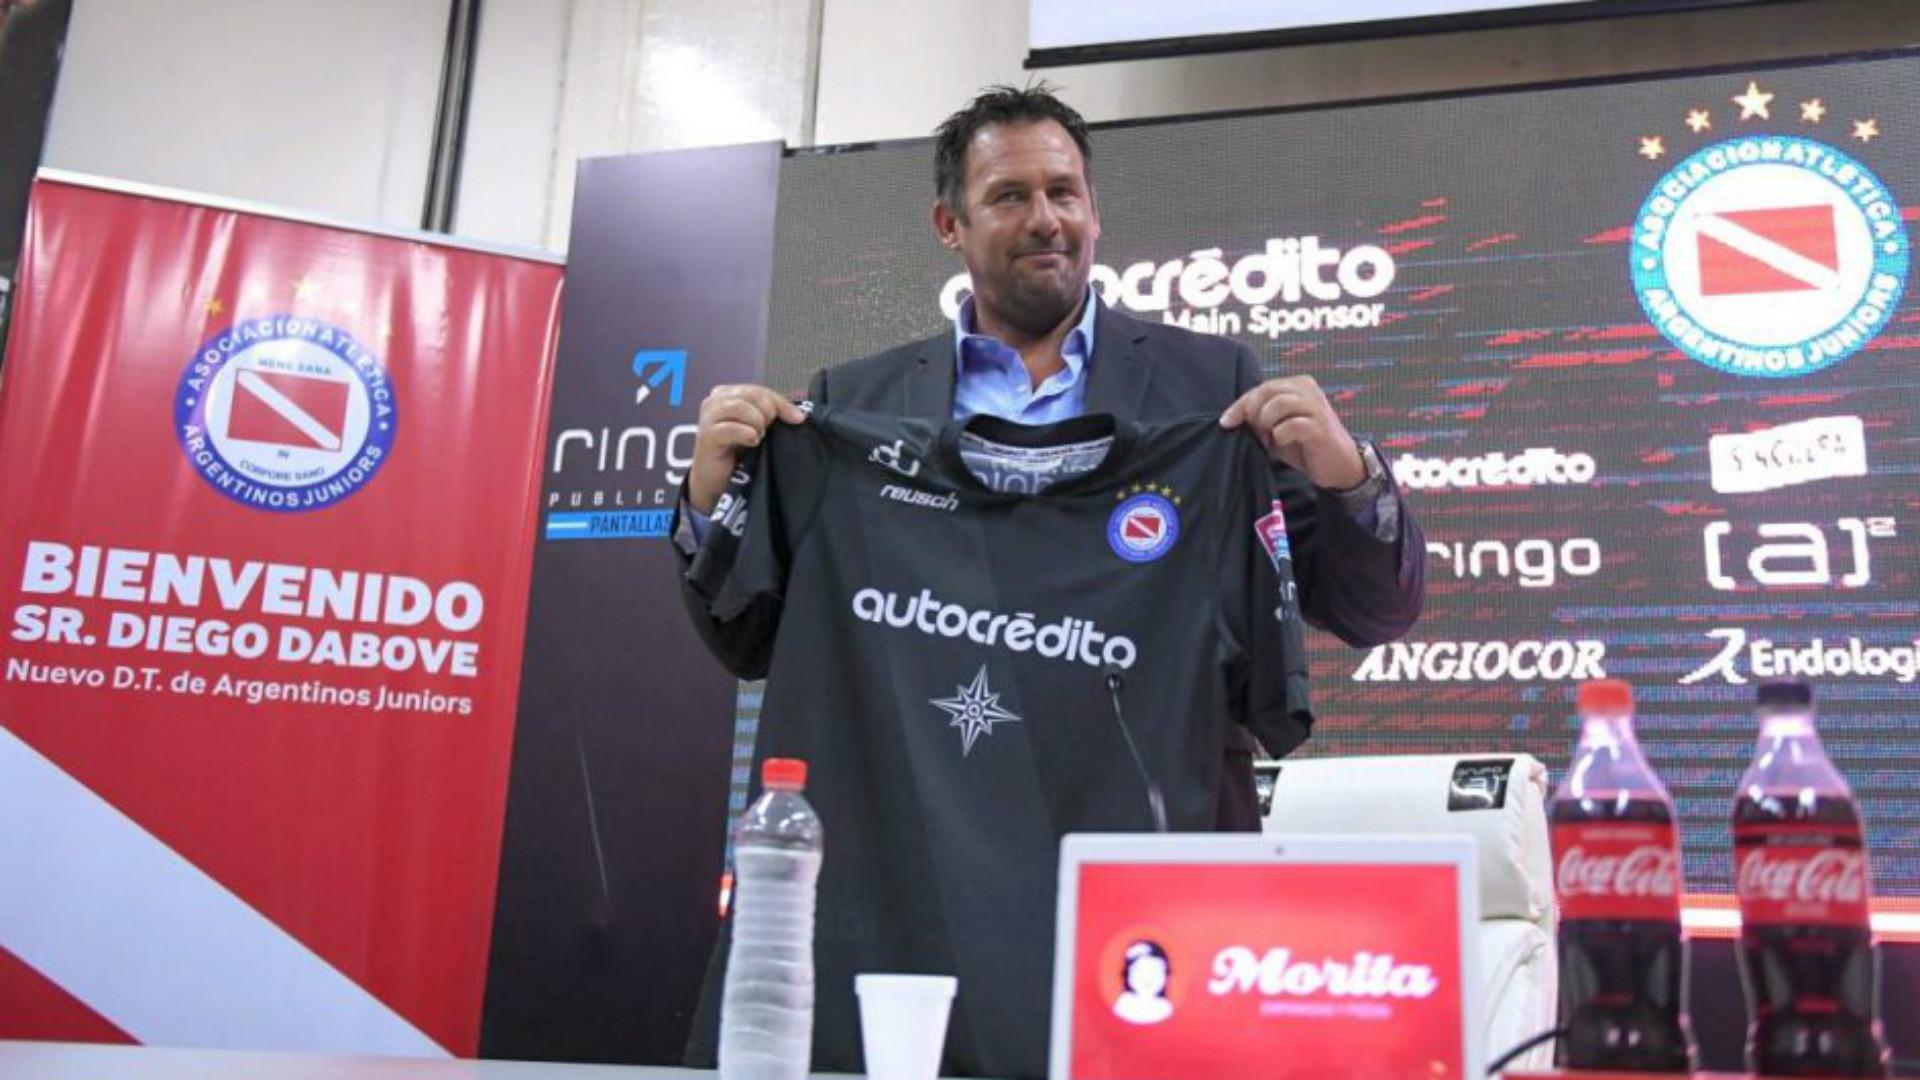 Diego Dabove Argentinos Juniors